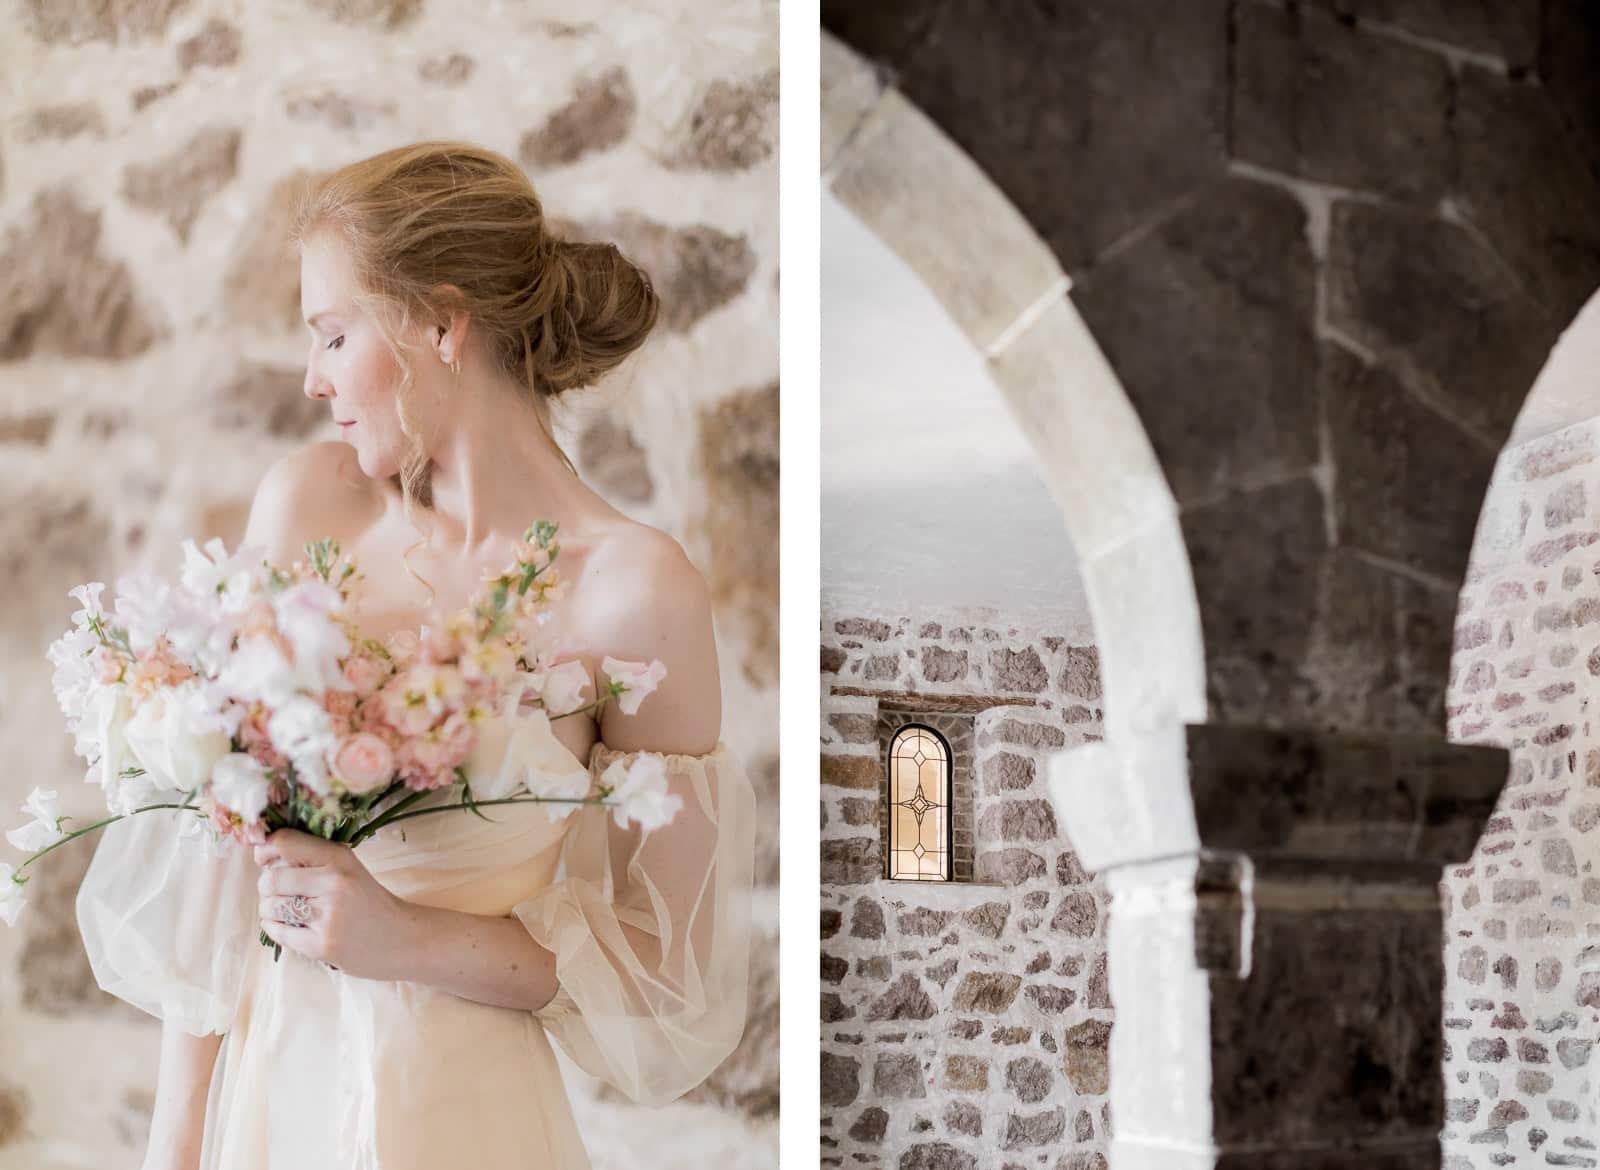 Photographie de Mathieu Dété présentant un portrait de la mariée et les arches à l'intérieur du Château Saint Julien d'Aille à Vidauban